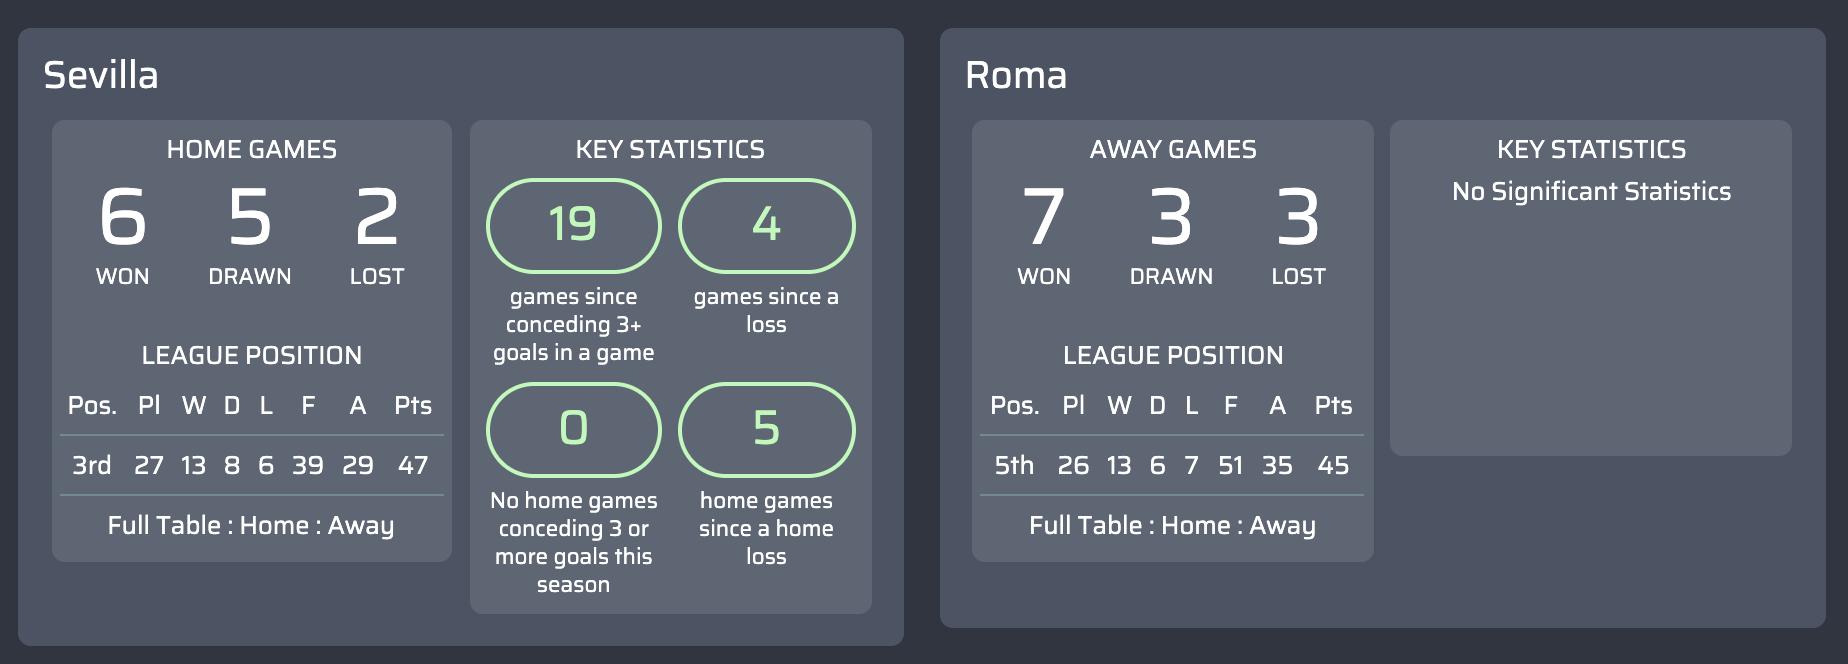 máy tính dự đoán Sevilla v Roma